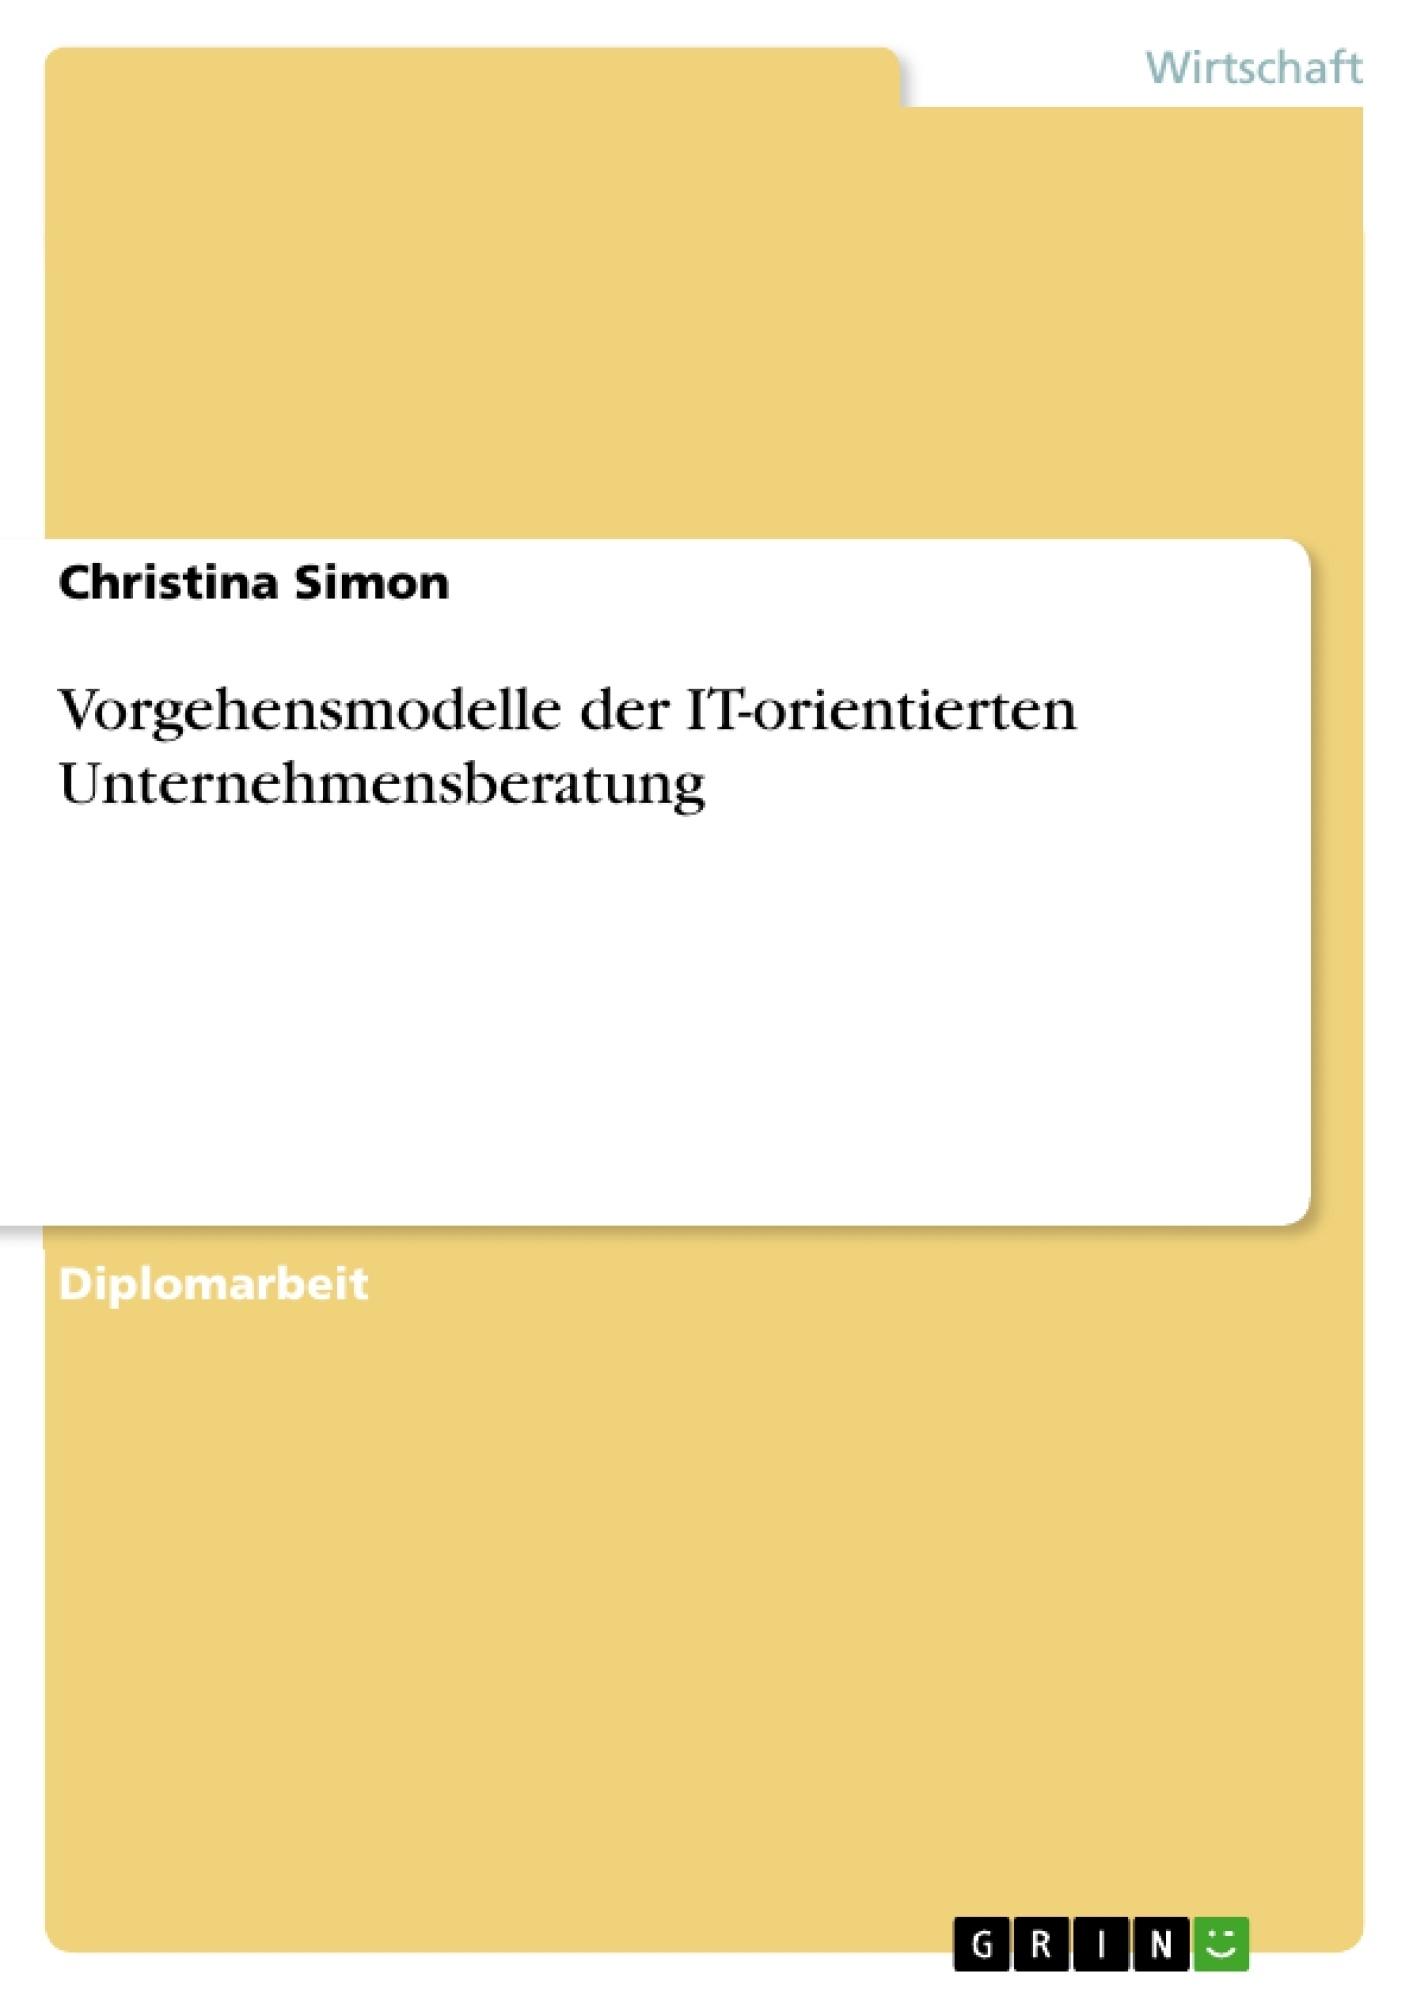 Titel: Vorgehensmodelle der IT-orientierten Unternehmensberatung